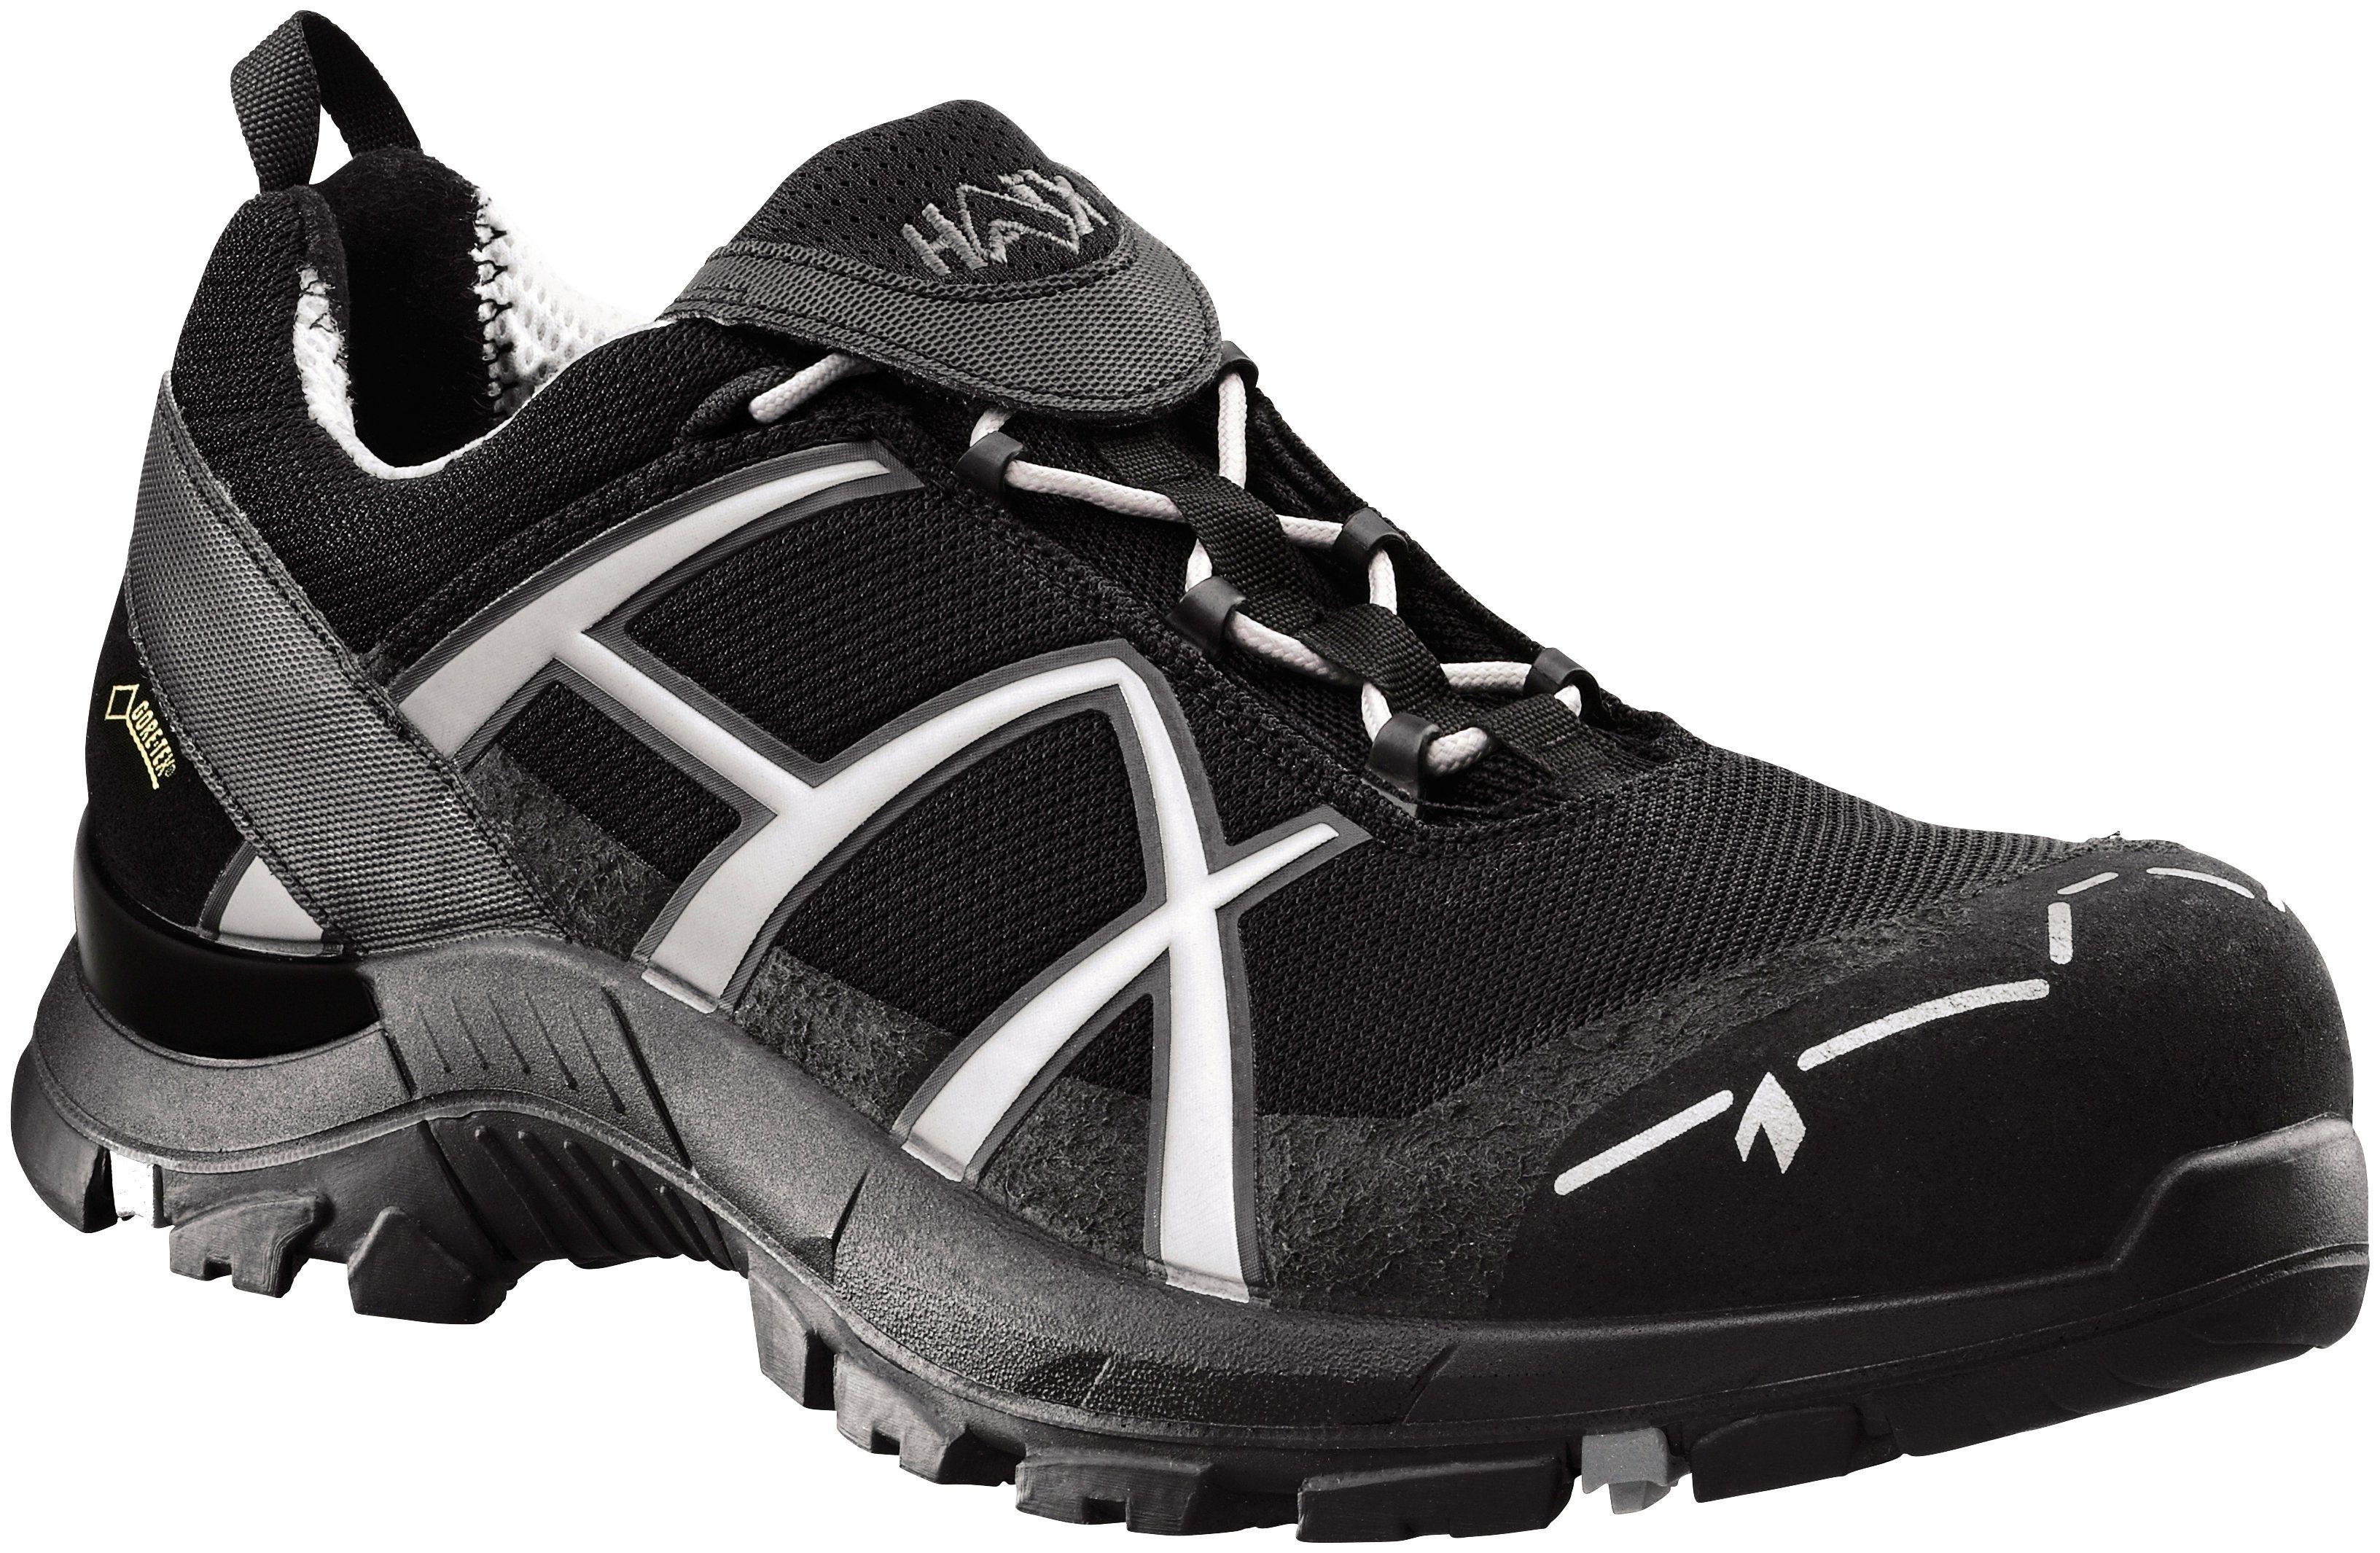 Haix Sportarbeitsschuh Black Eagle Safety 41 low  schwarz#ft5_slash#silber